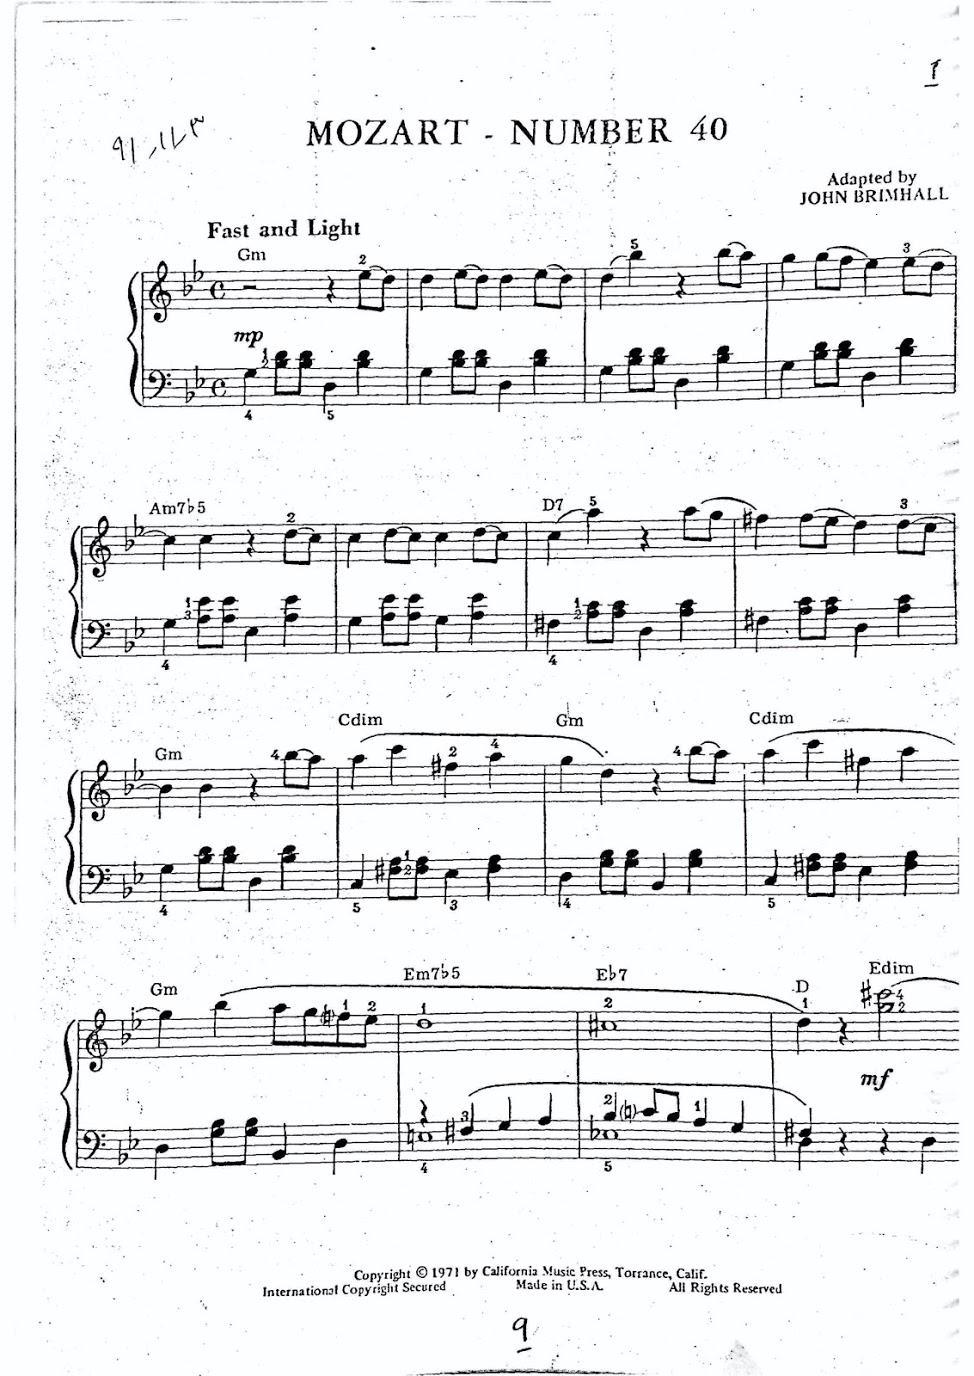 نت سمفونی شماره ۴۰ موتسارت